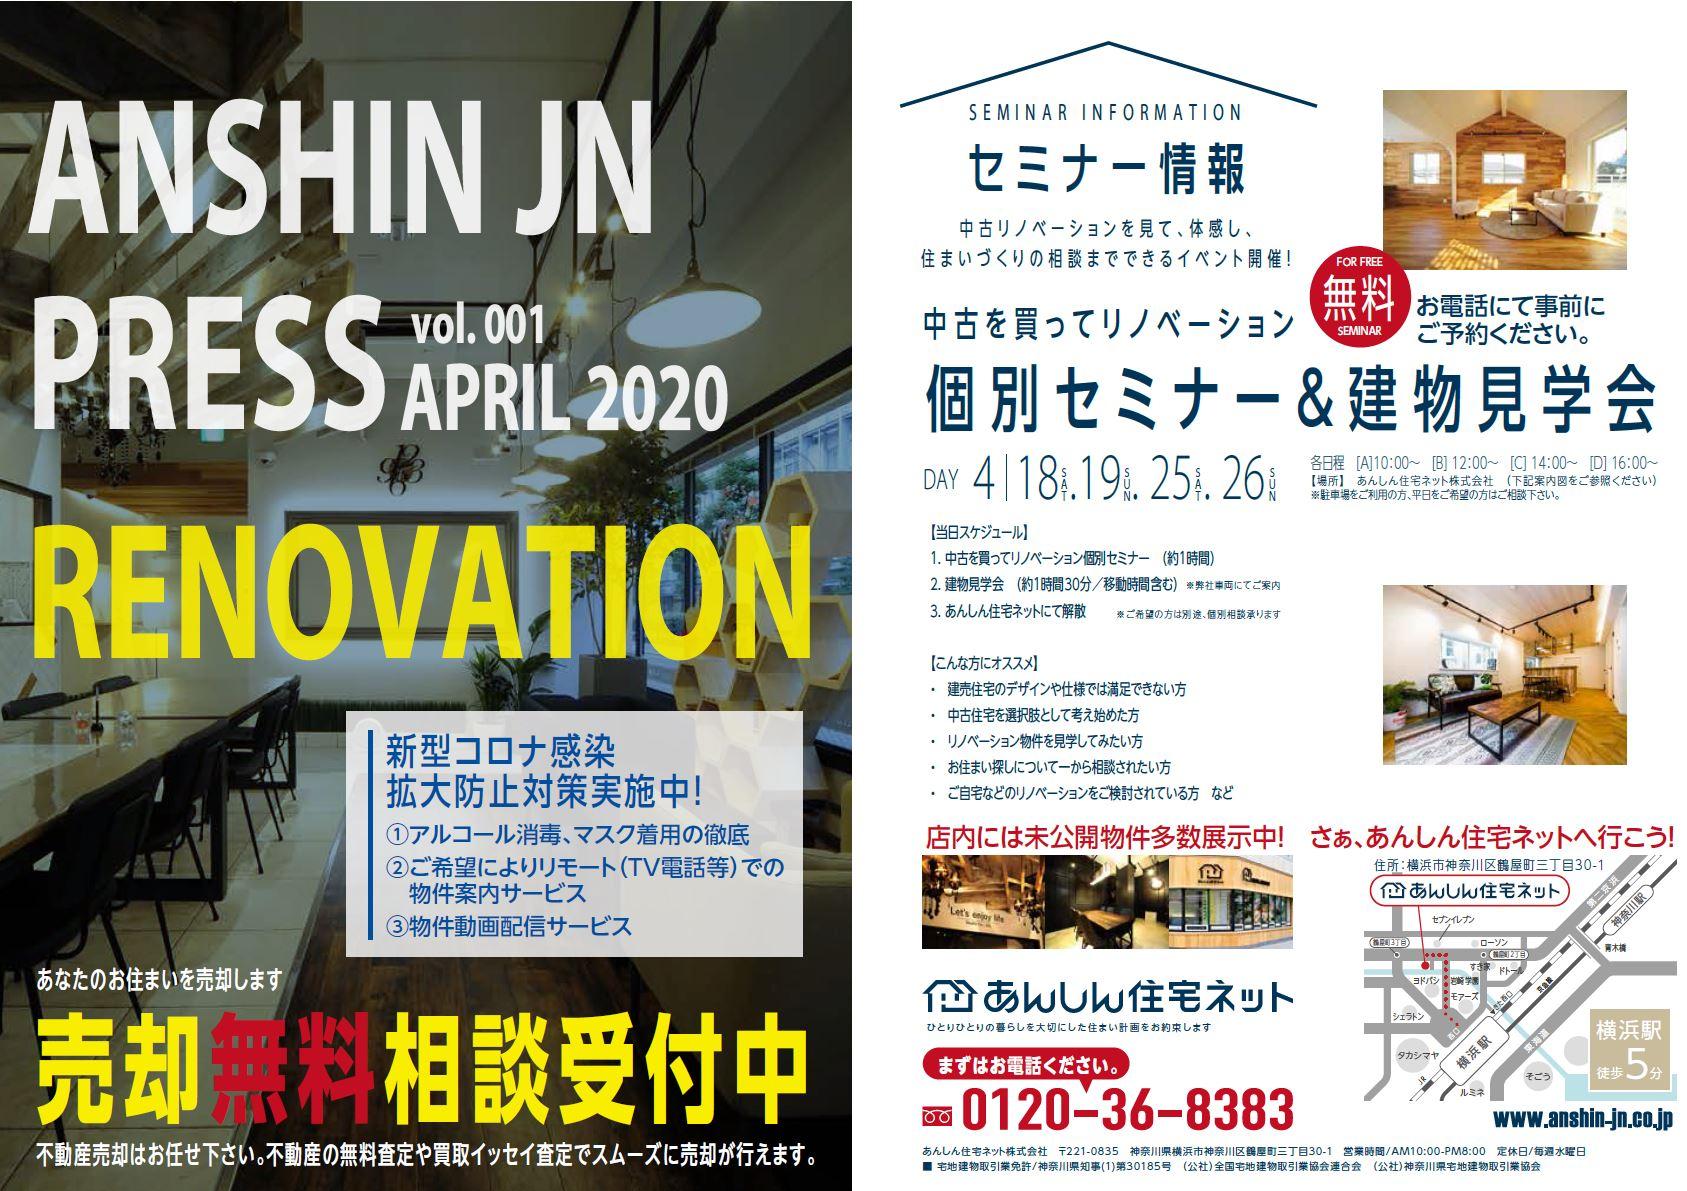 【無料・1日4回開催】個別セミナー&建物見学会 4/19(日)10時~